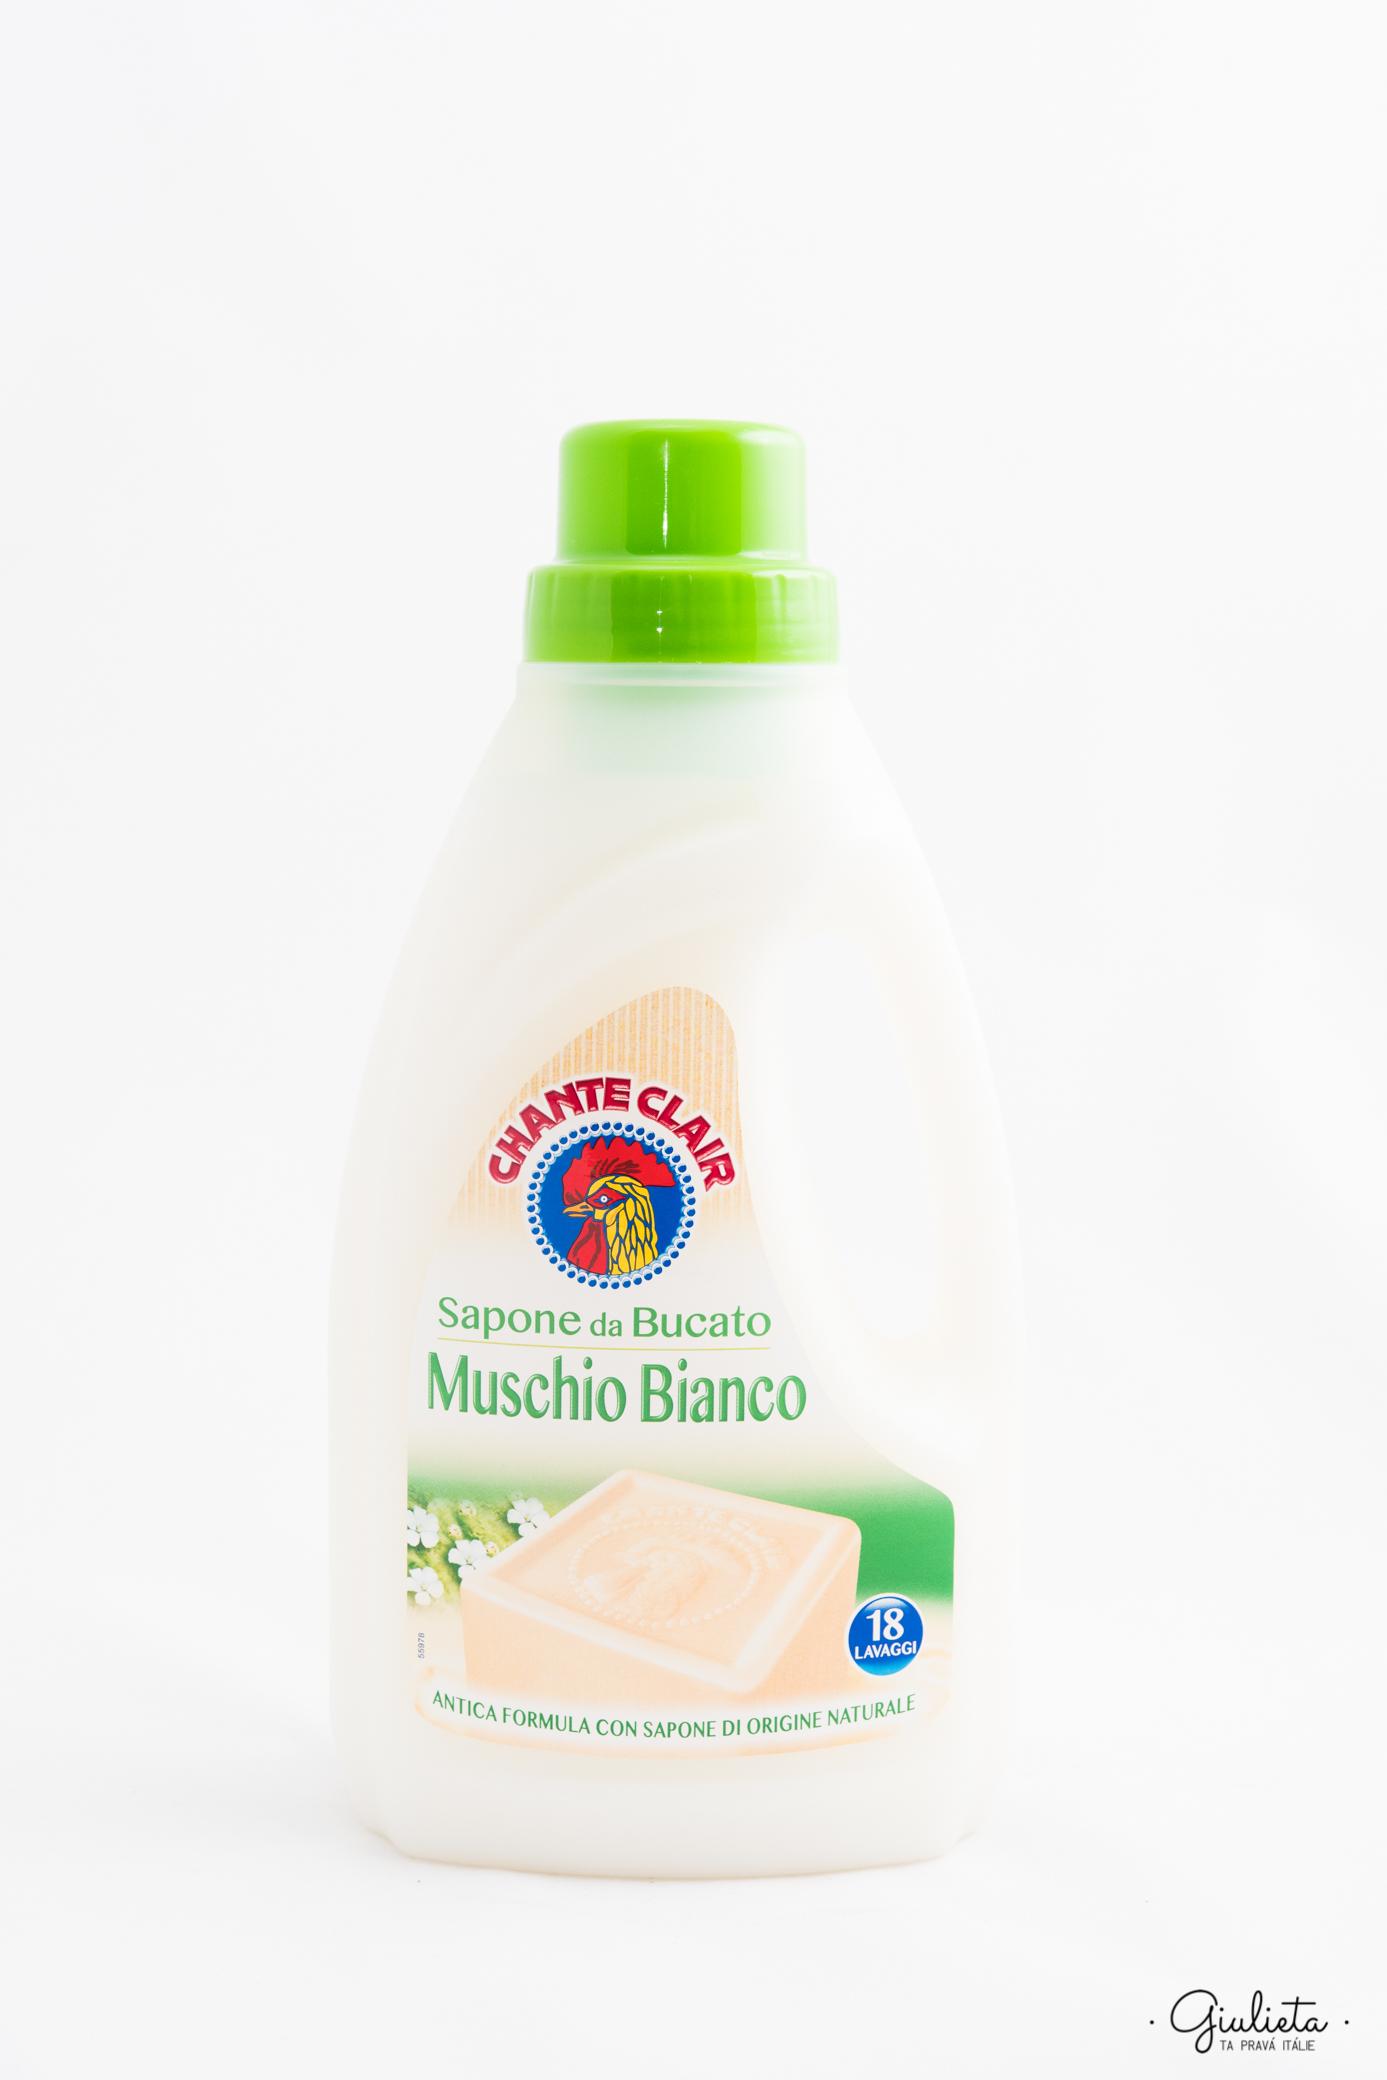 Chante Clair prací gel Bucato Muschio Bianco, 18 pracích dávek